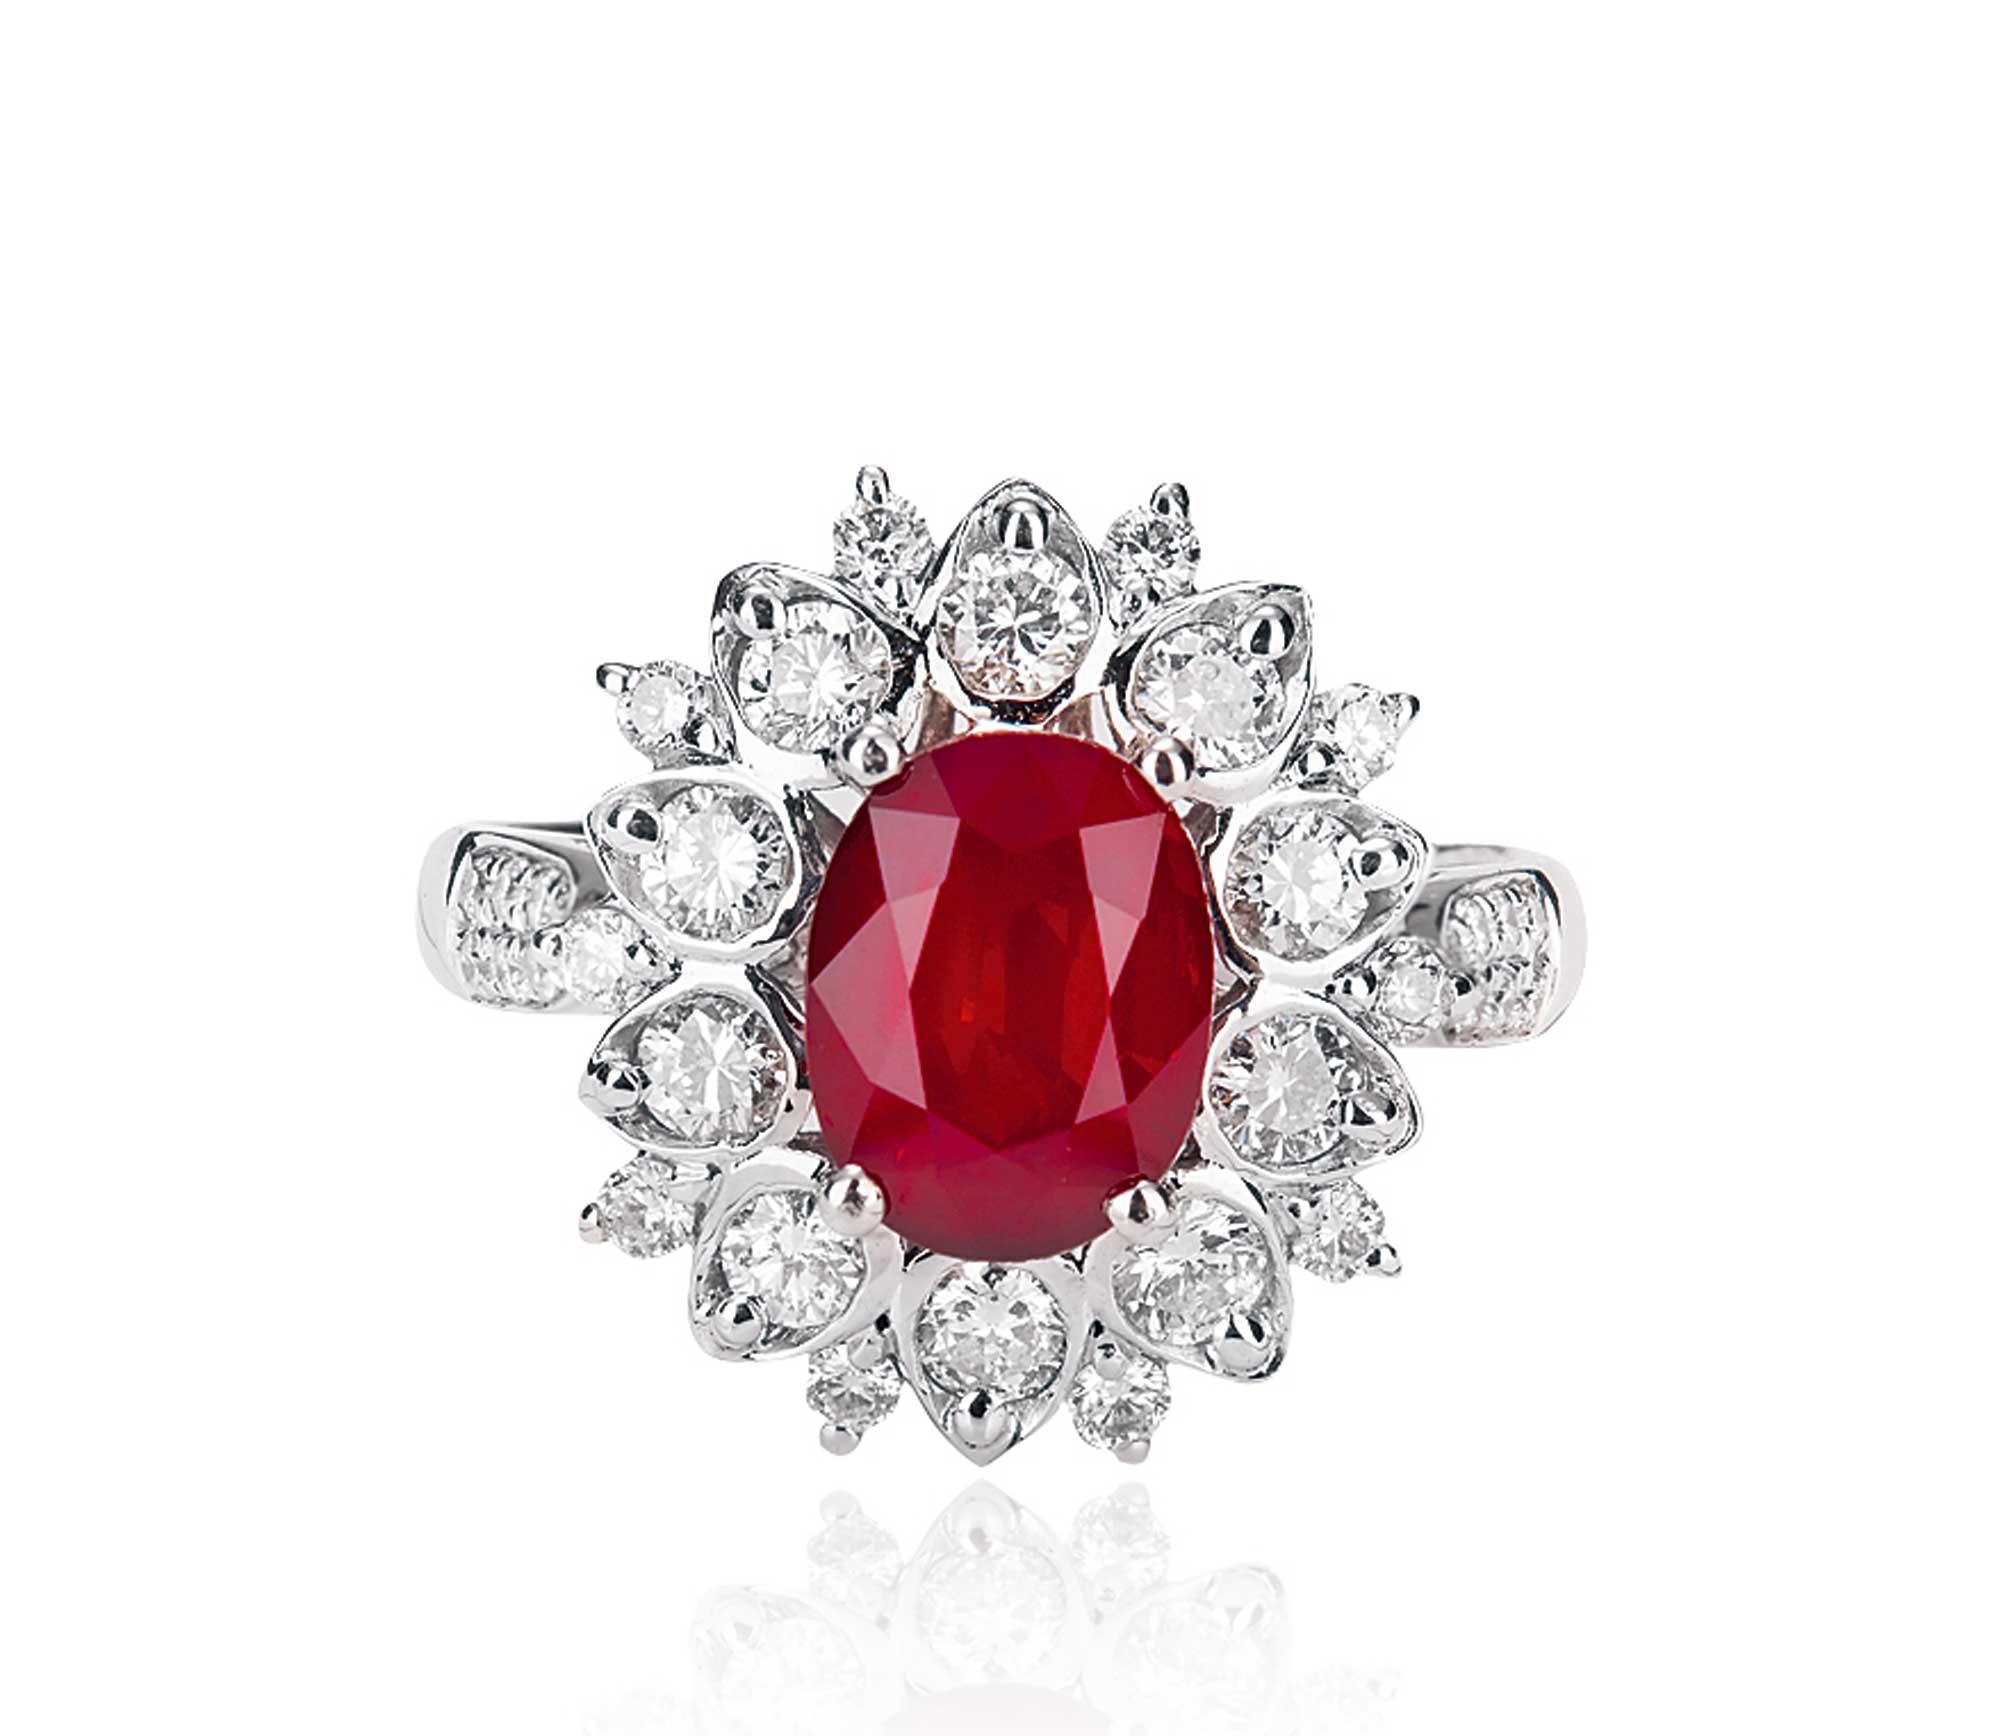 48克拉莫桑比克红宝石戒指